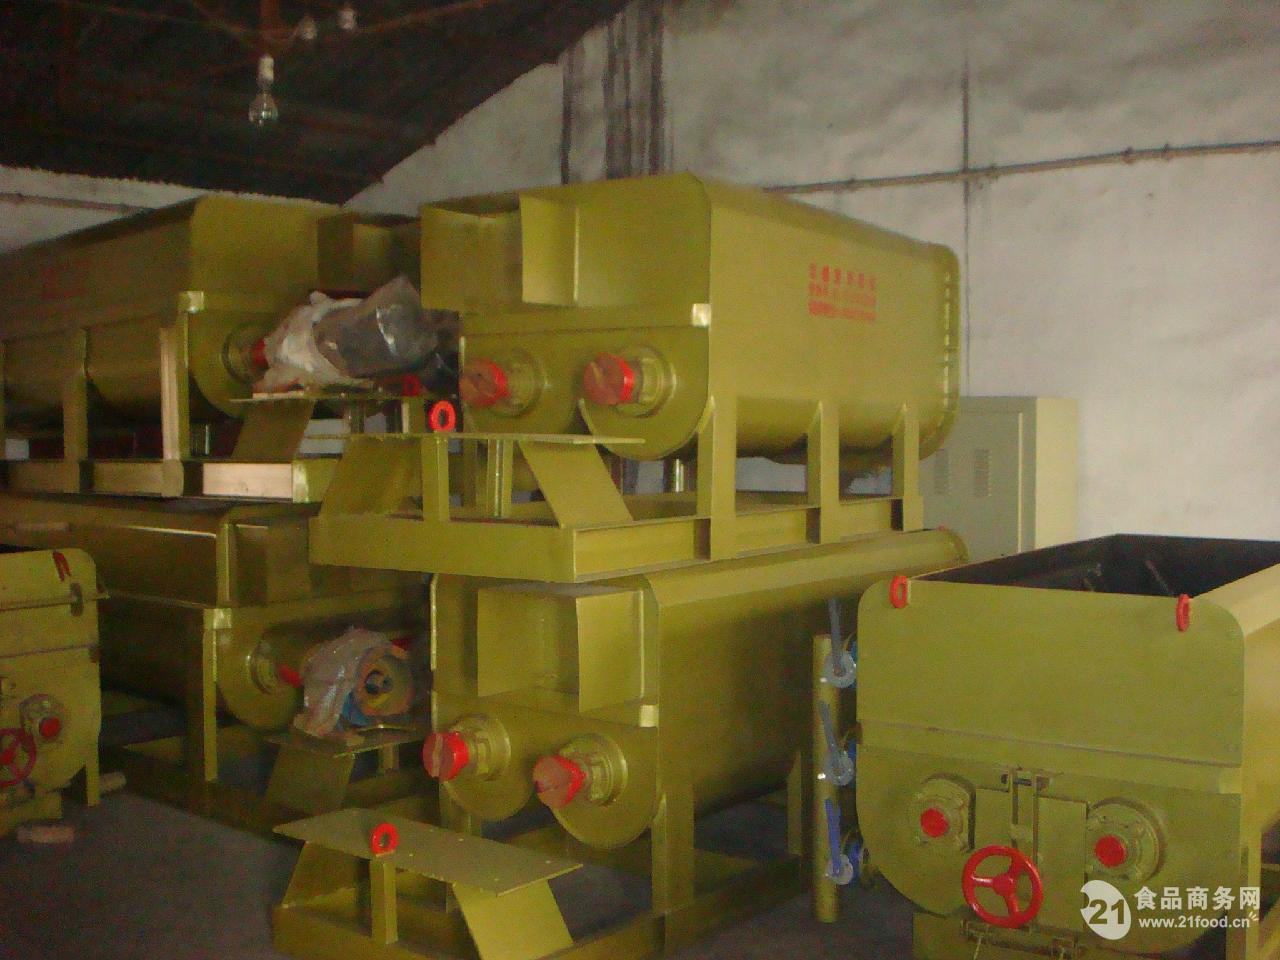 小麦淀粉生产设备_小麦淀粉生产设备_河南开封__其他粮食加工设备-食品商务网